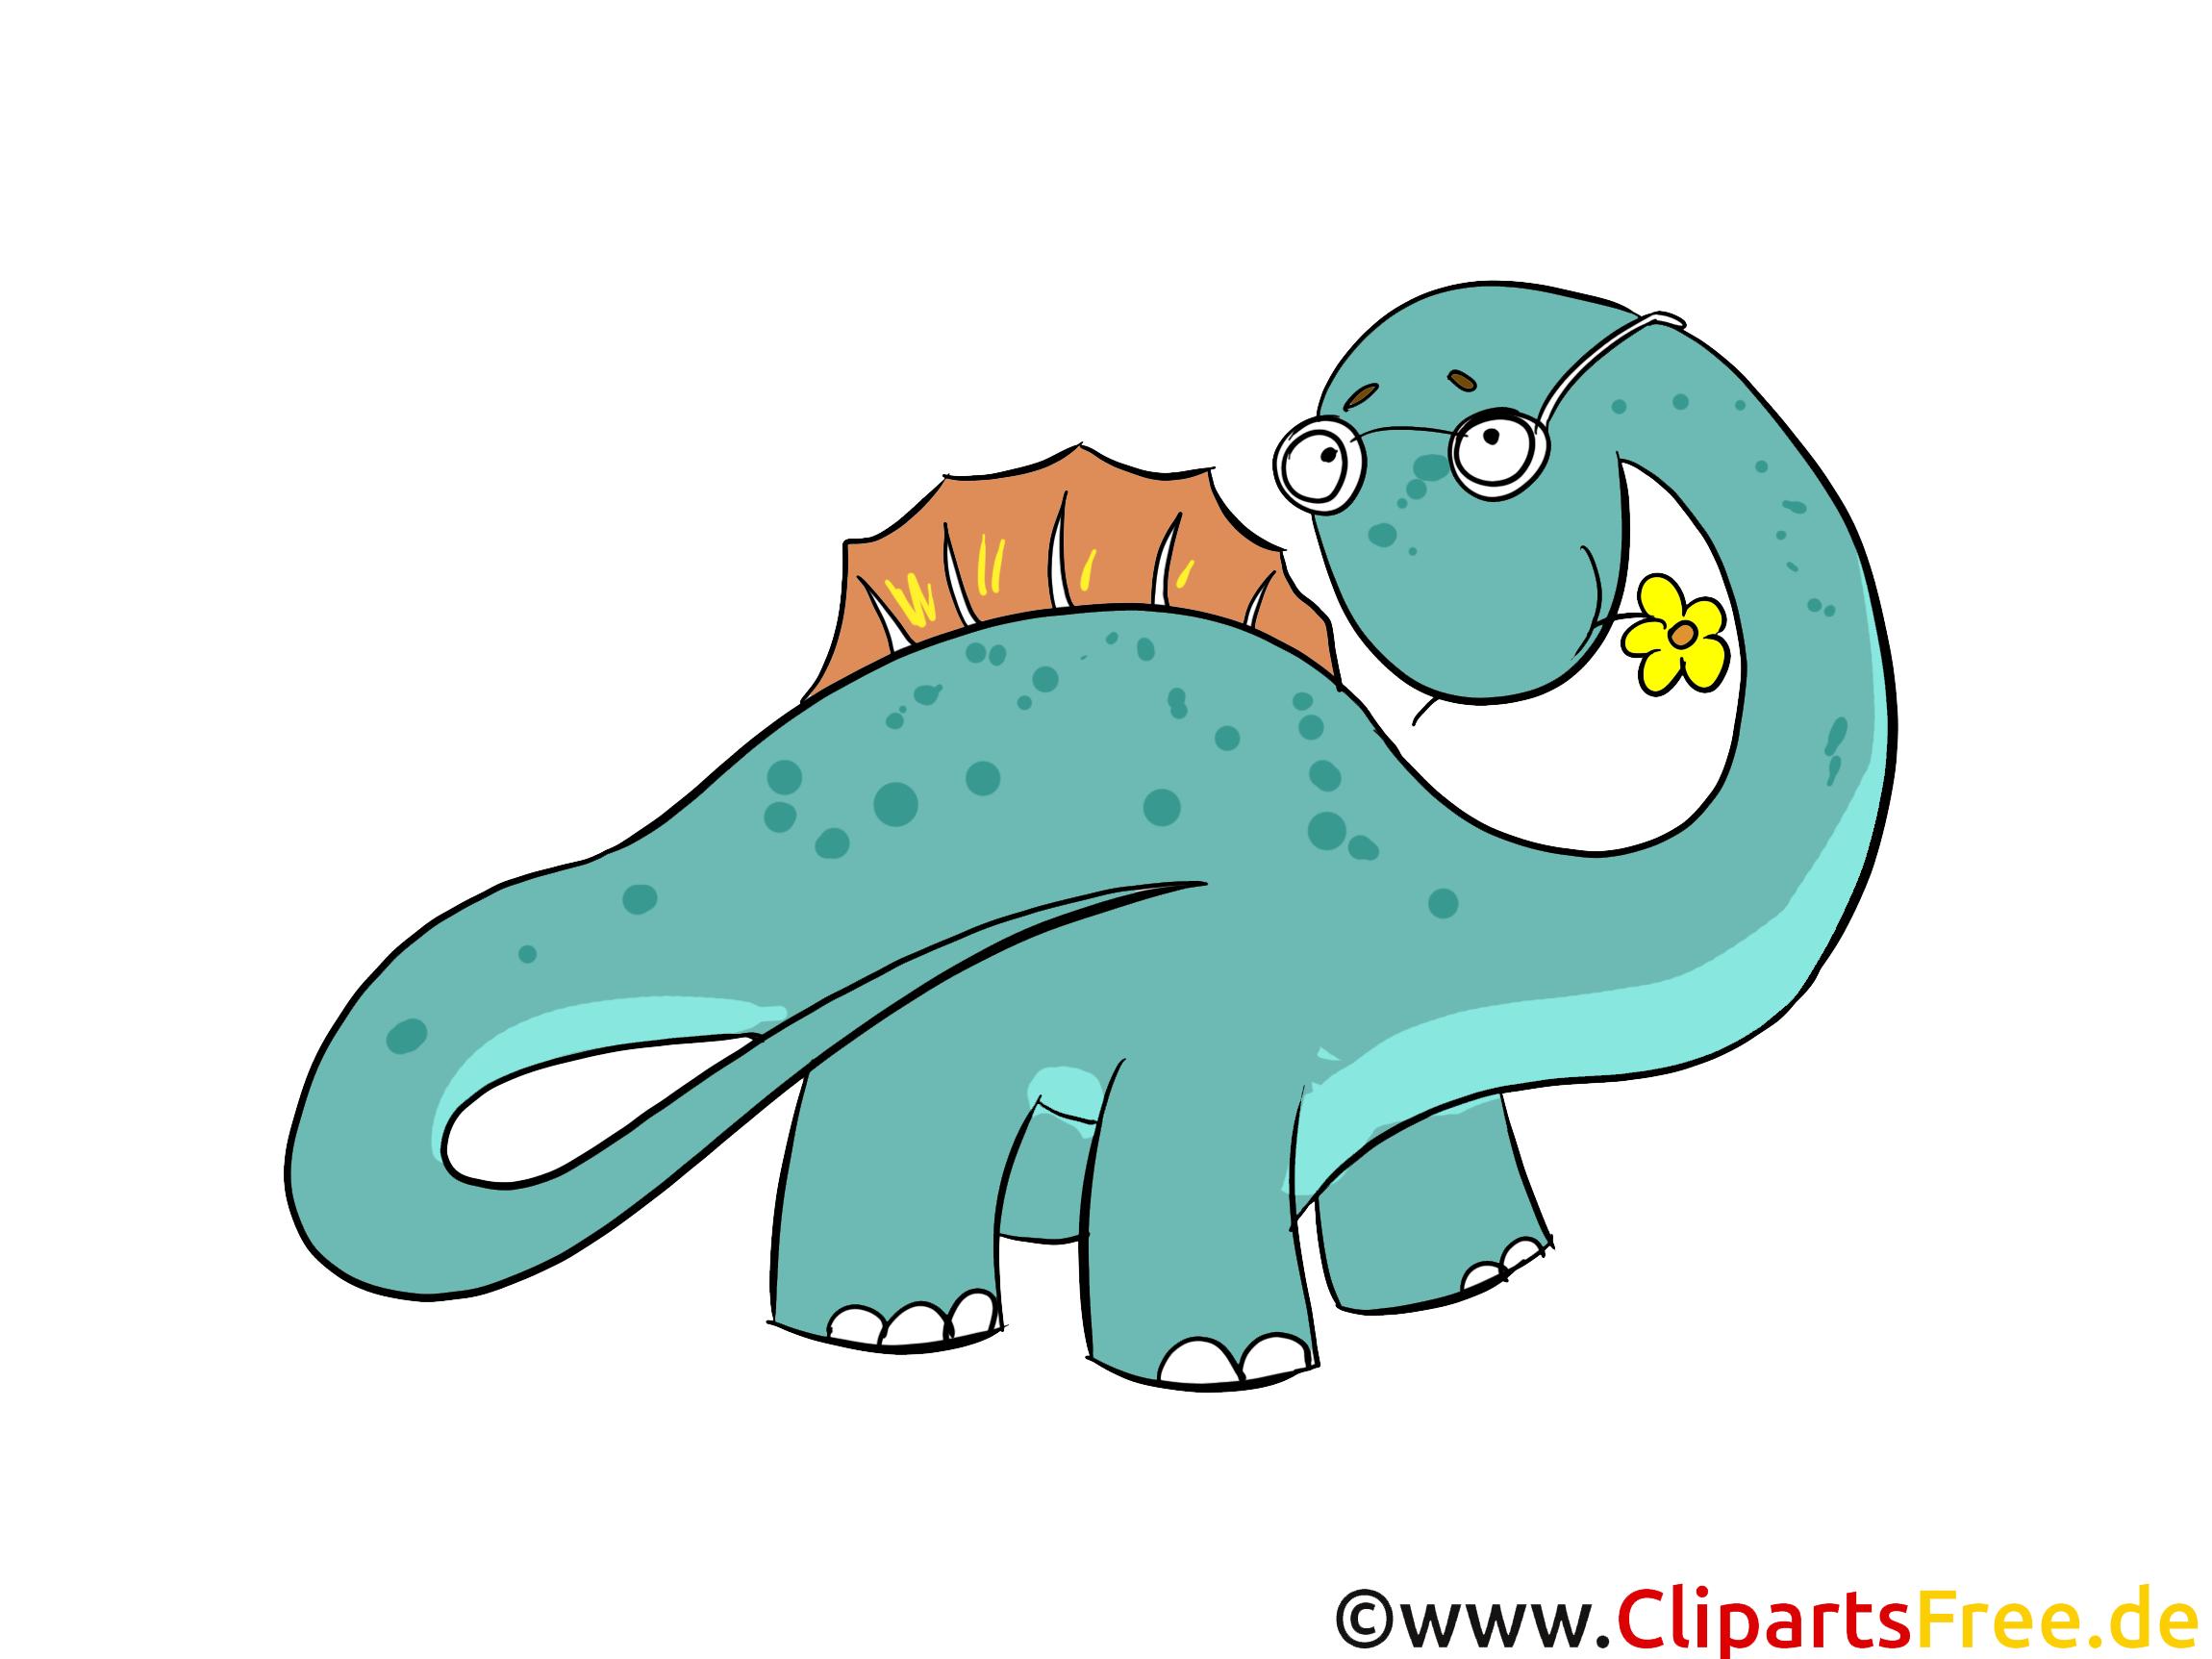 Fantastisch Frei Druckbare Dinosaurier Malvorlagen Bilder ...